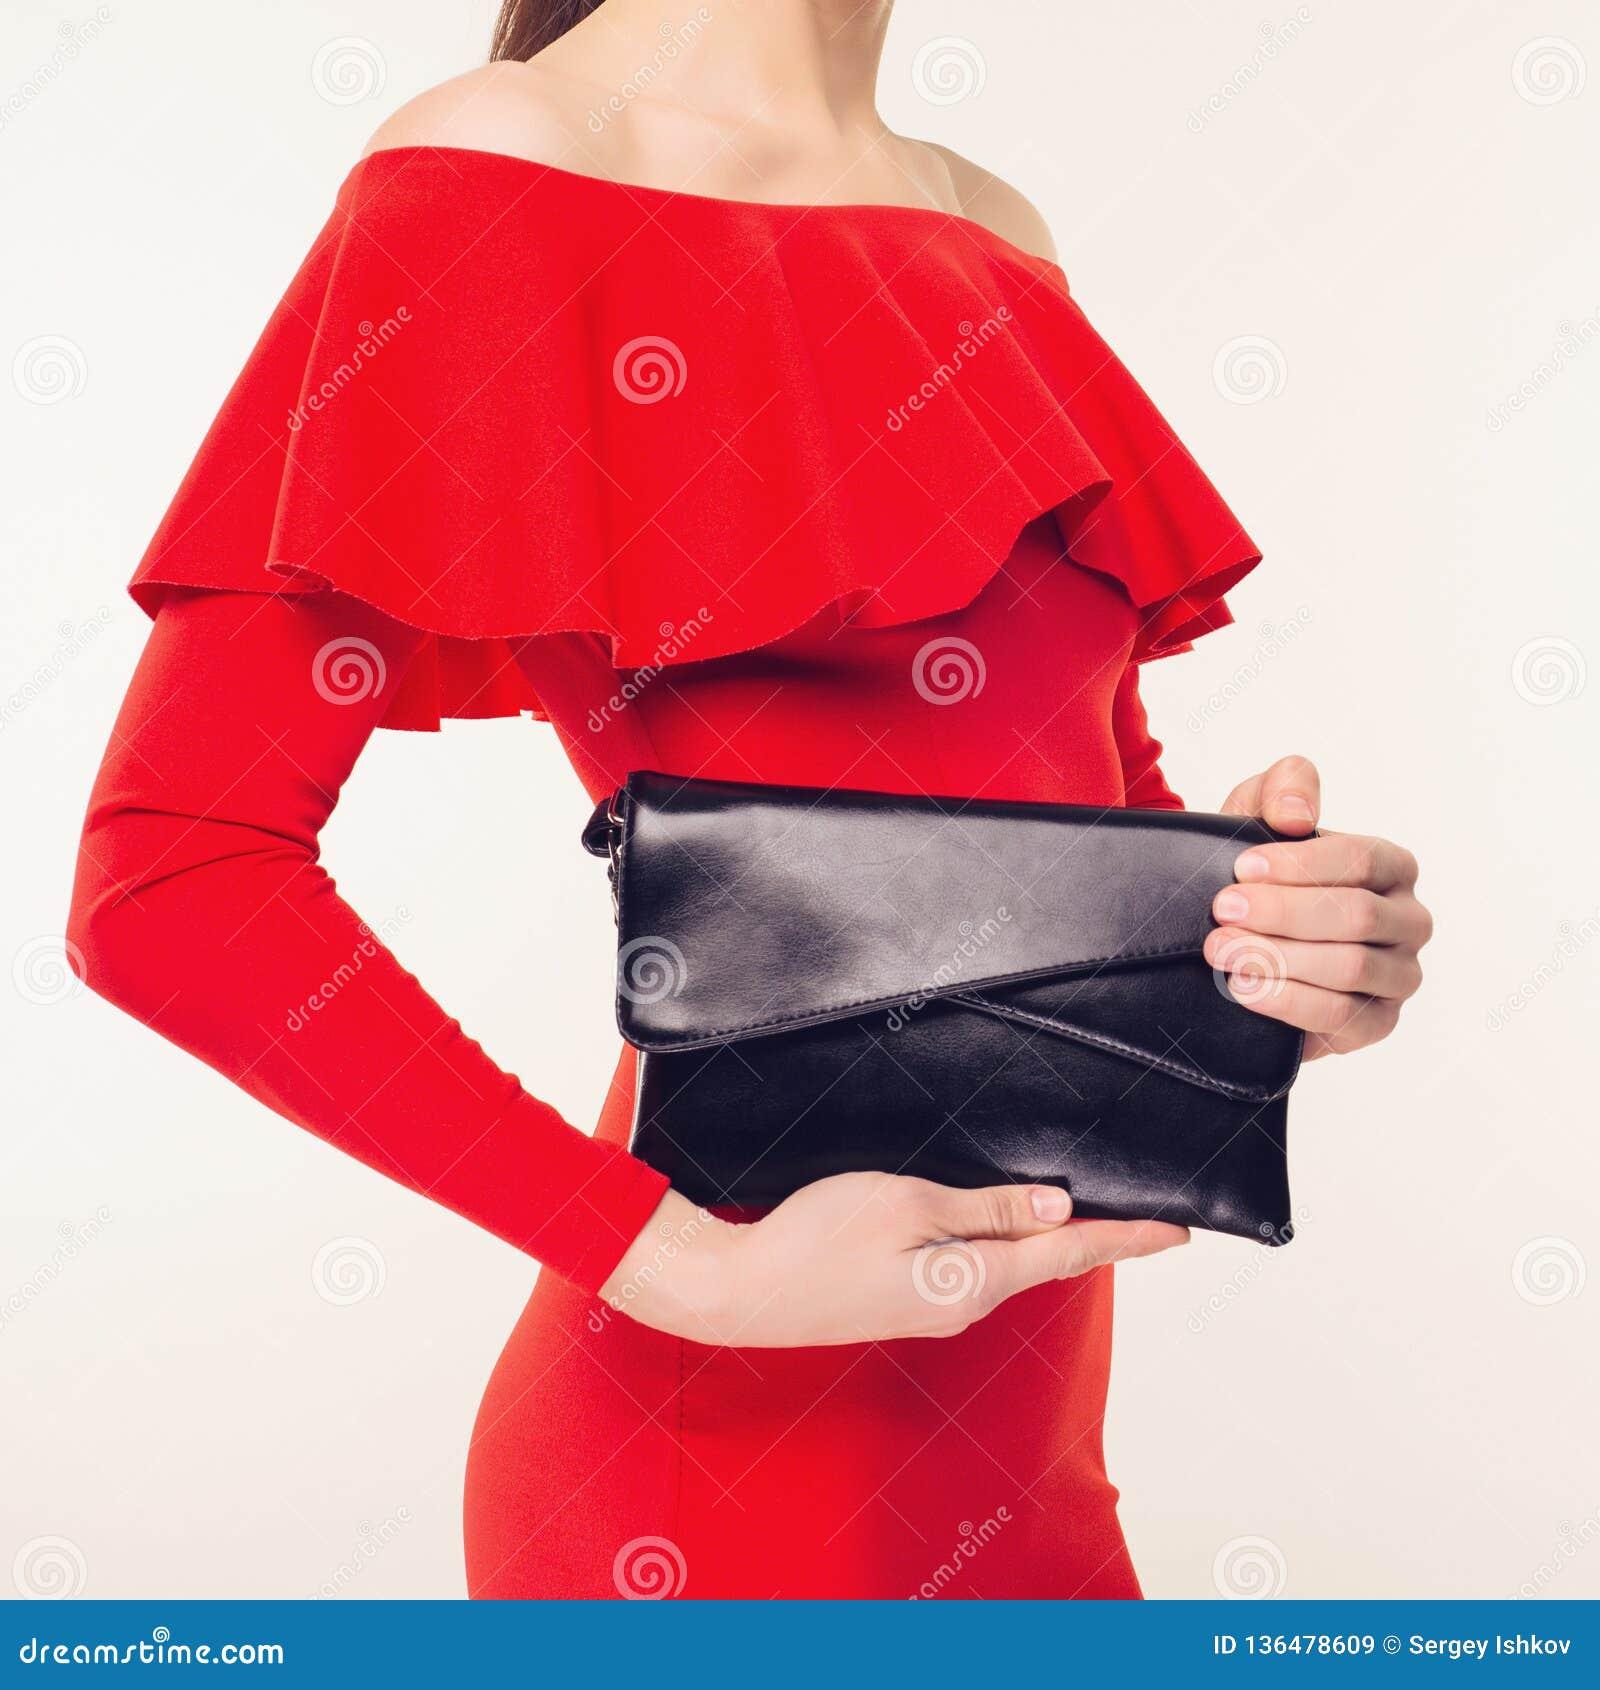 Η μοντέρνη γυναίκα με έναν μαύρο συμπλέκτη στα χέρια της και το κόκκινο βράδυ ντύνουν